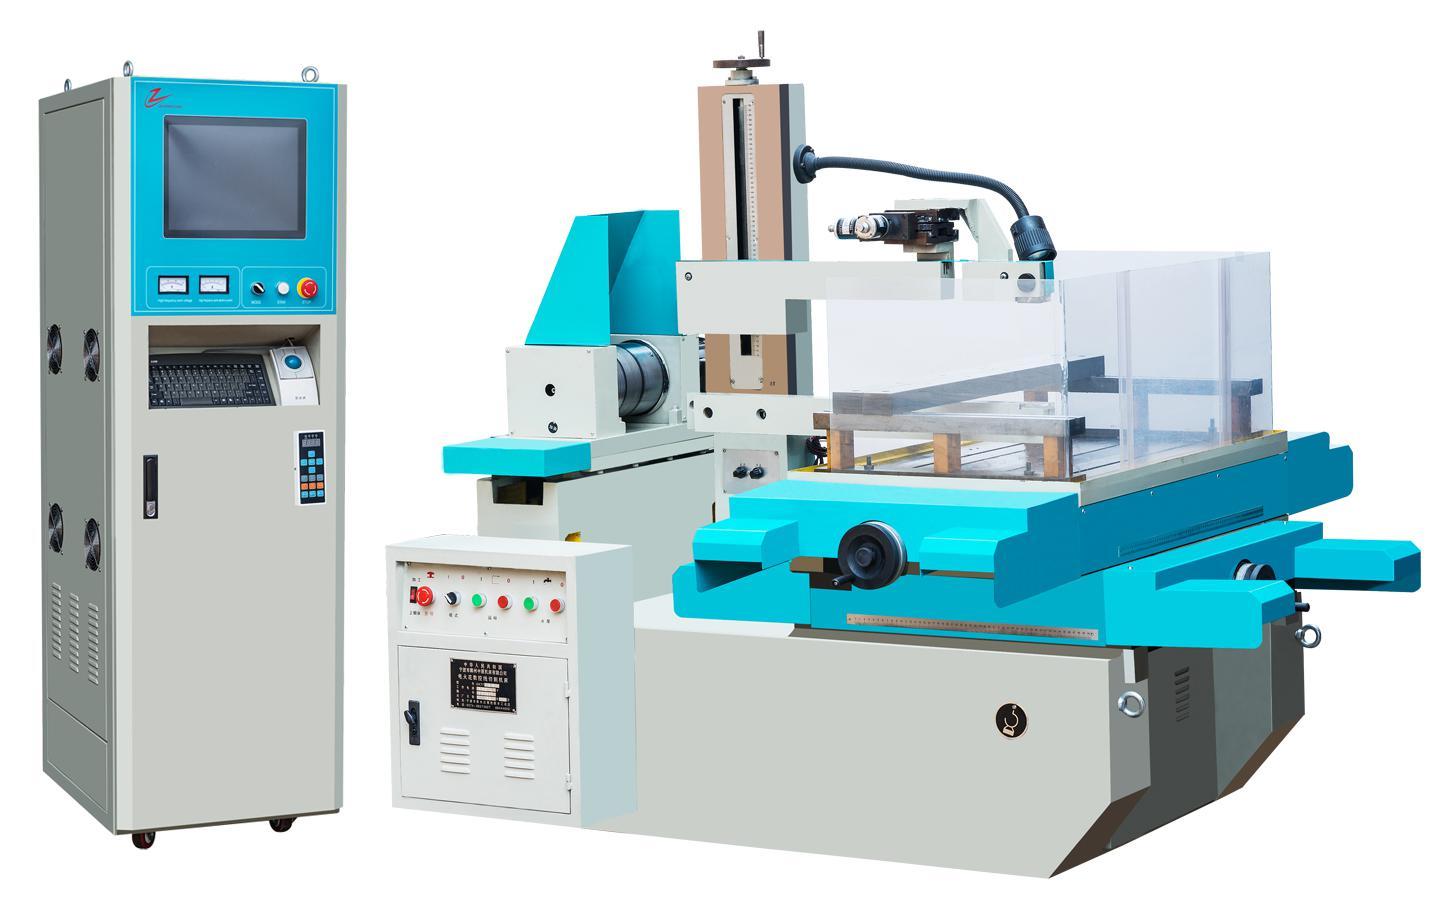 DK-7750-DK-7750-Ningbo Haishu Zhongyuan Machine Co., Ltd.